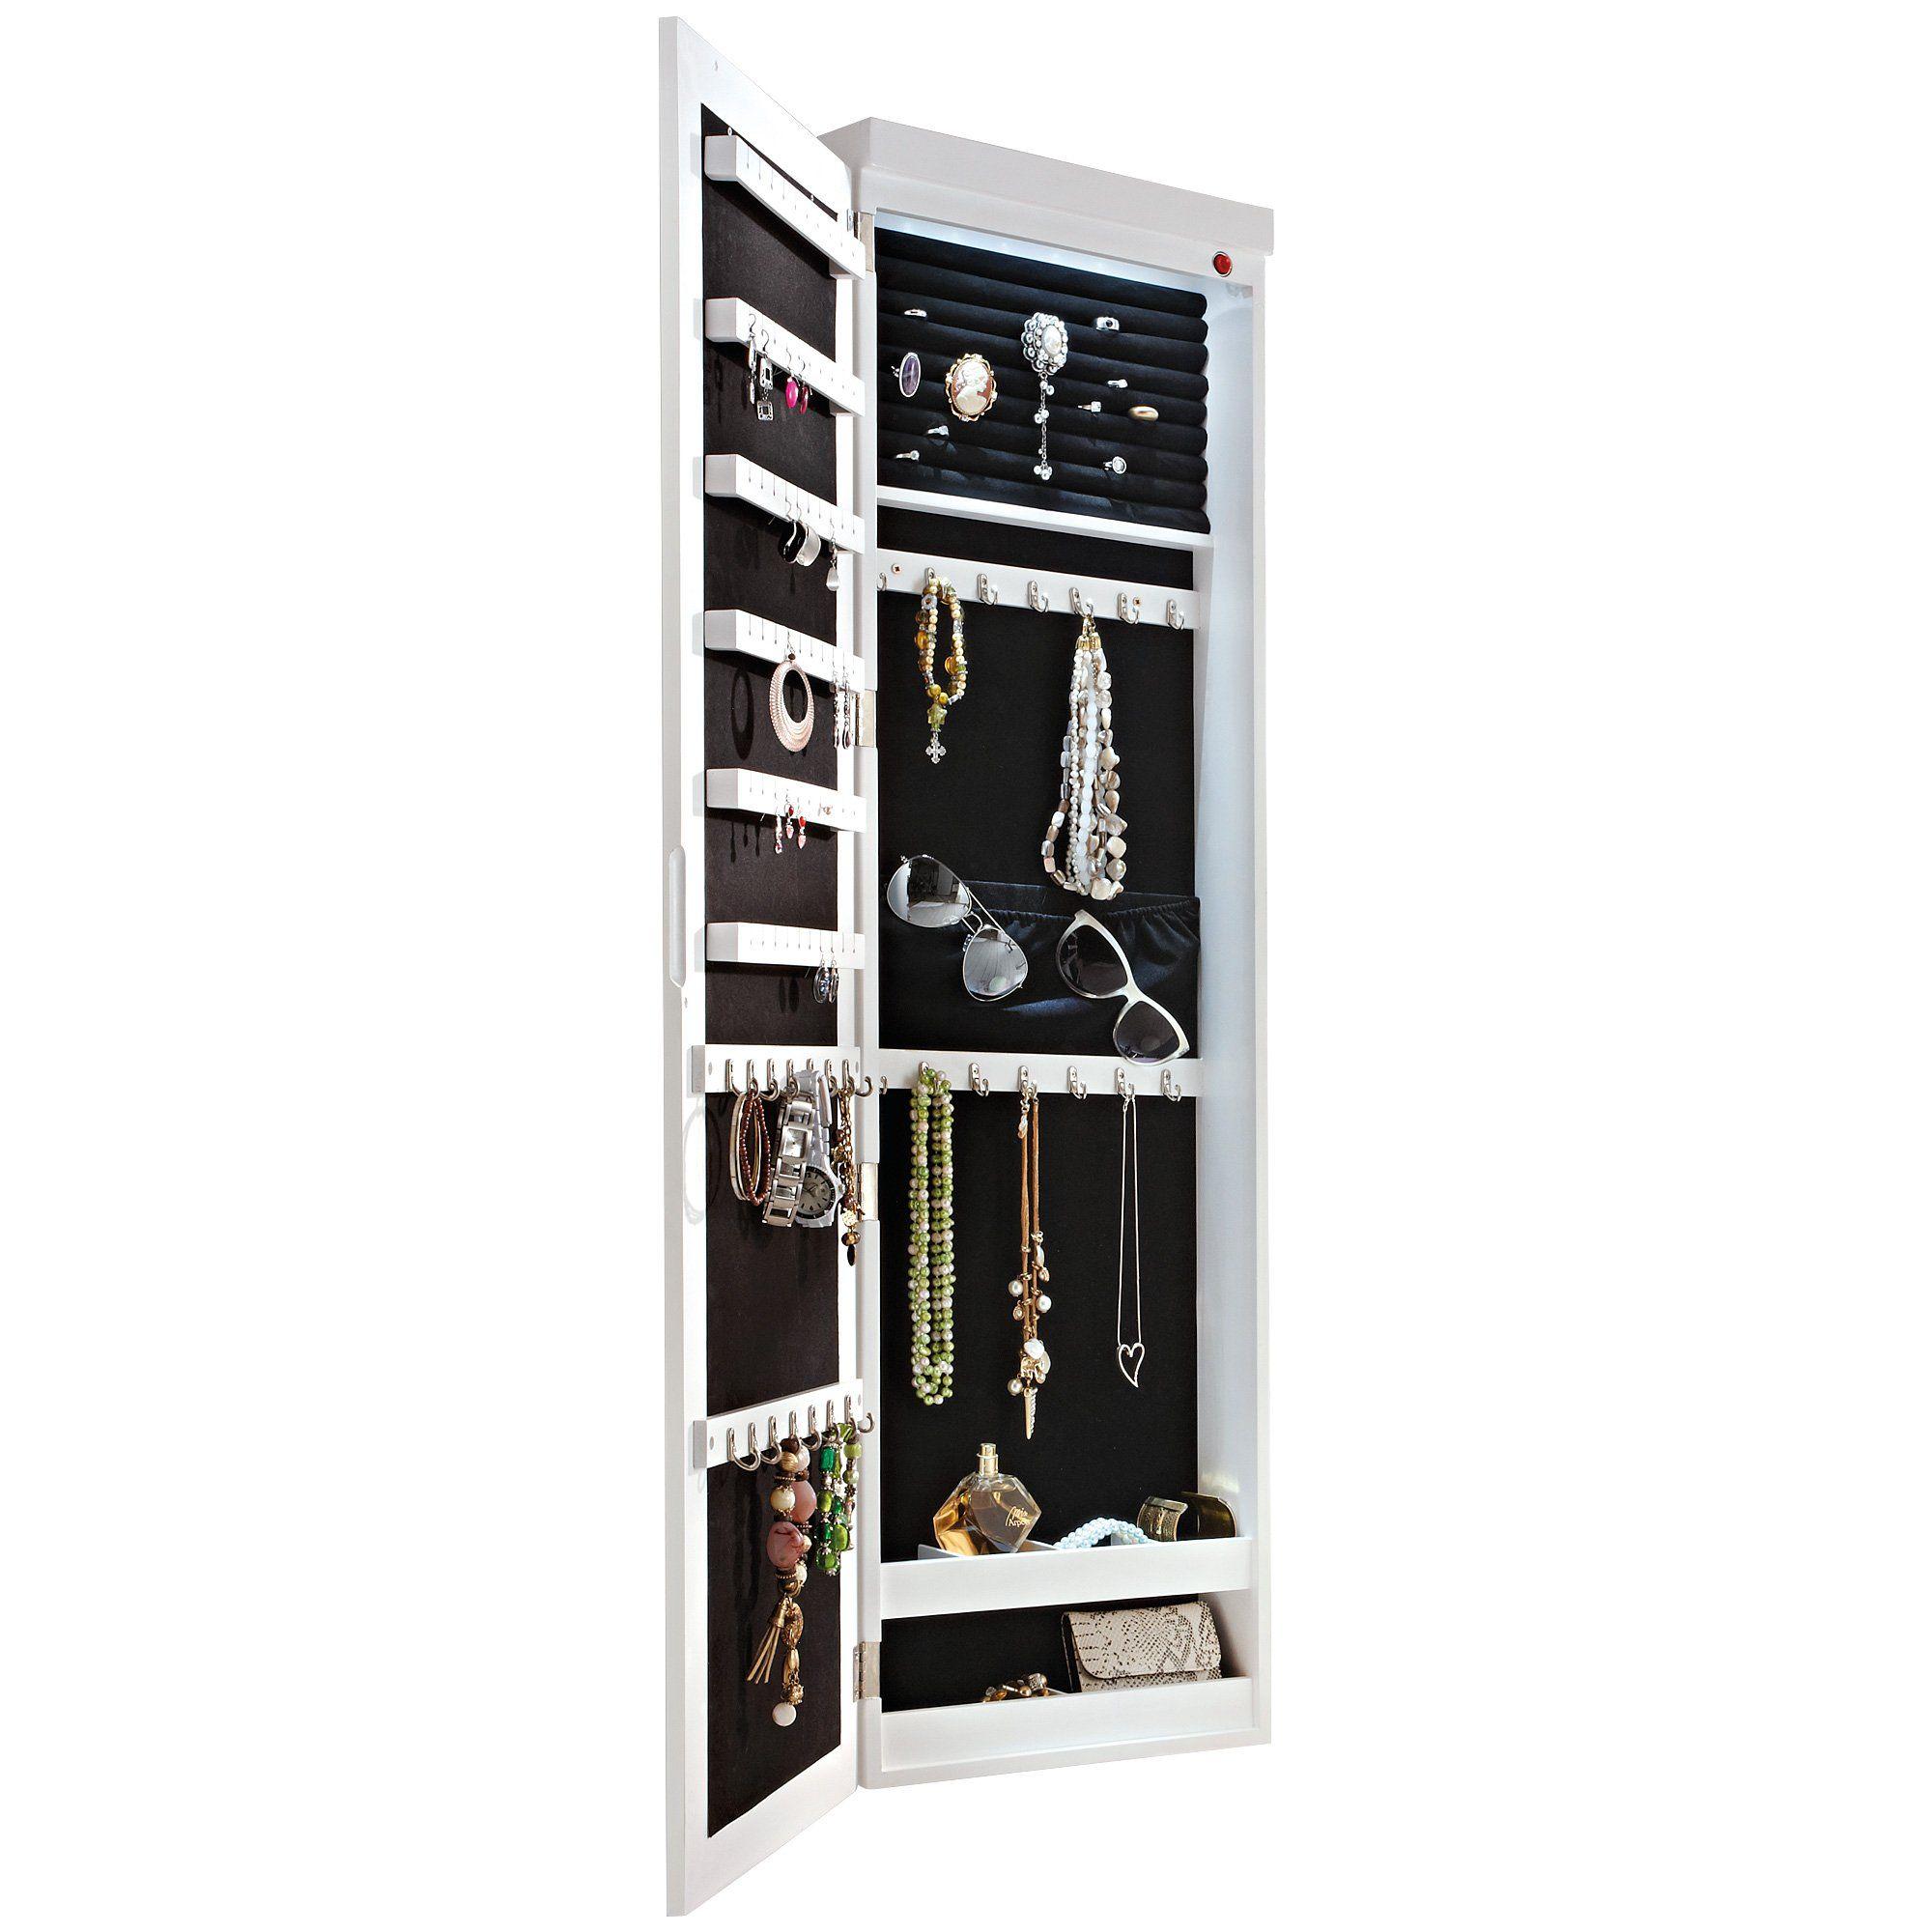 Schmuckschrank Spiegelschrank Zum Hangen Mit Led Beleuchtung Weiss Ca B37 X T10 X H122 Cm Espejos Emprendimiento